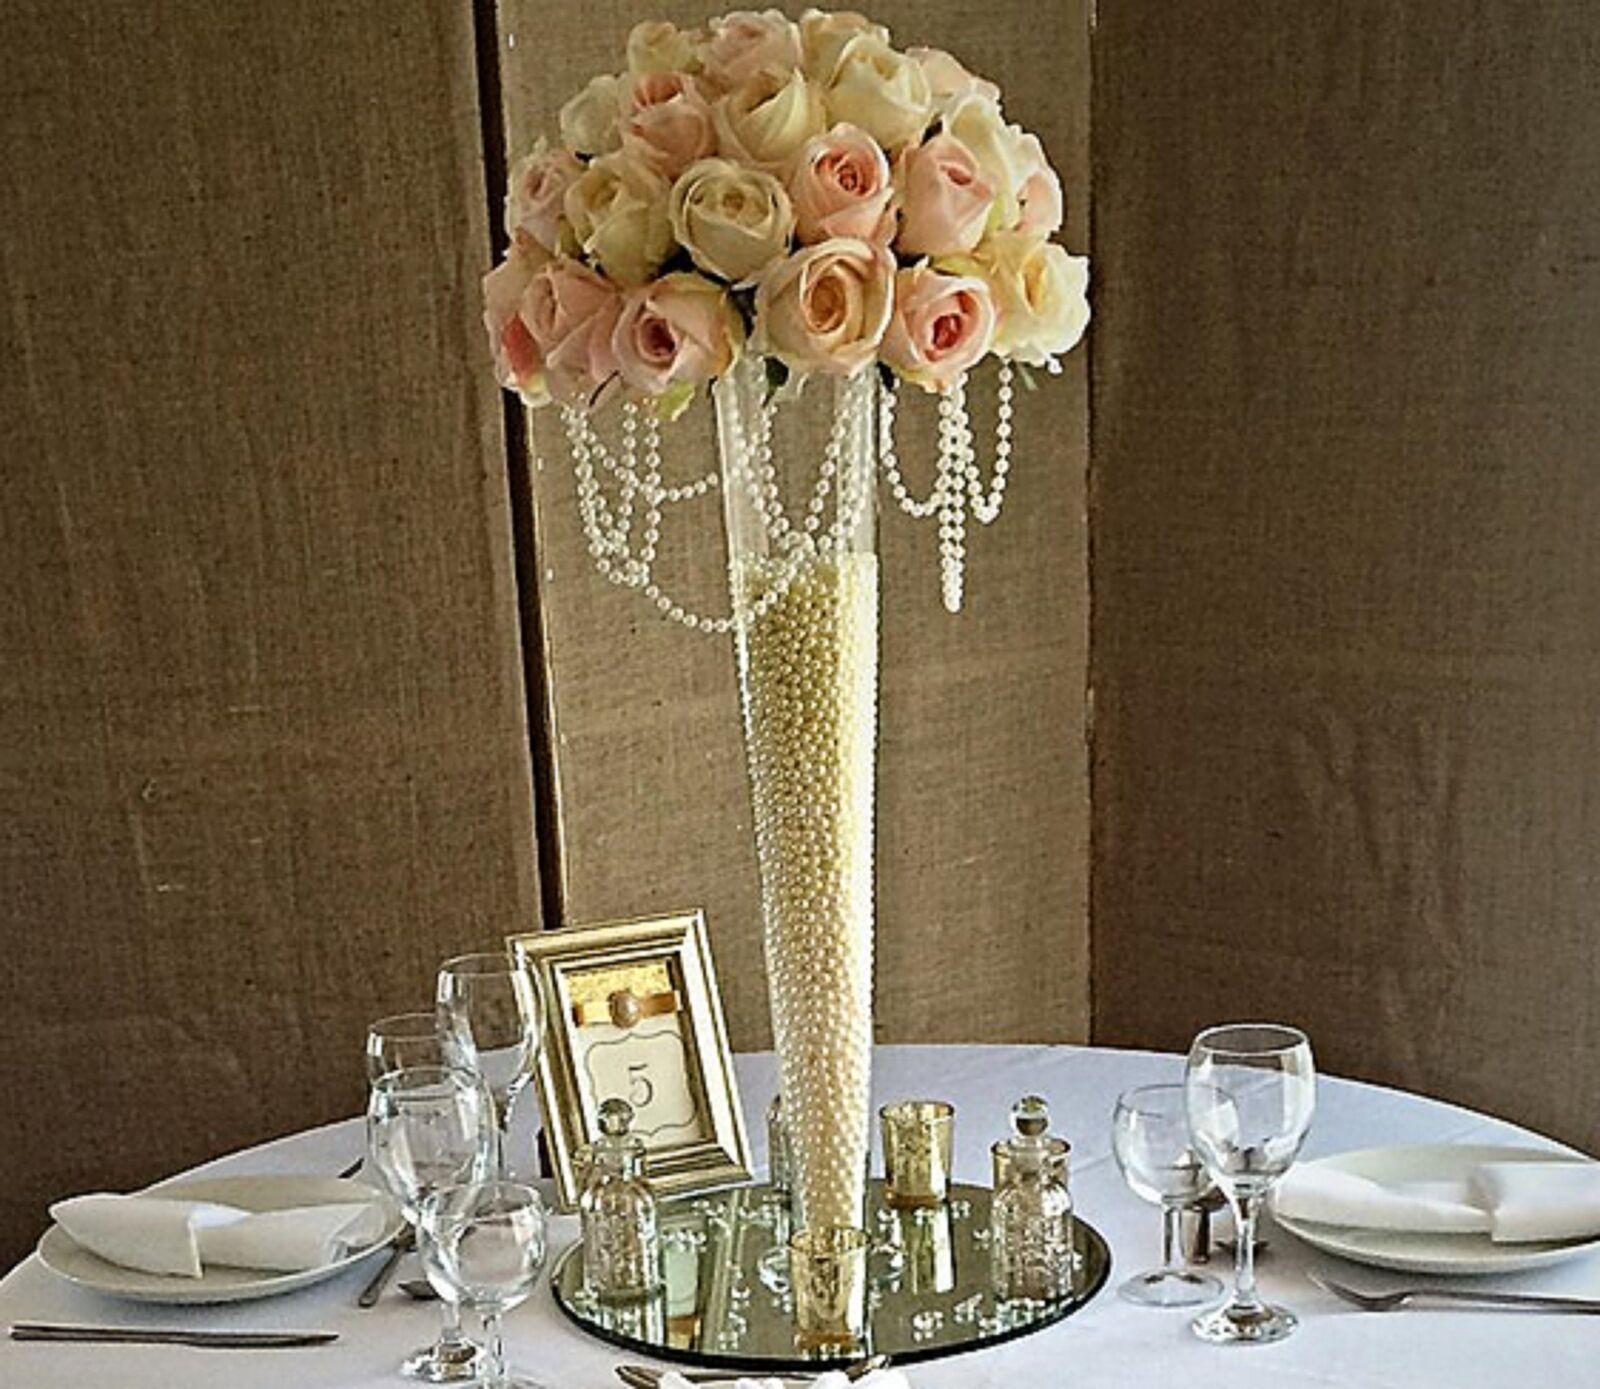 2 X Large grand événeHommes conique vase 68 cm table de mariage événeHommes grand t Décoration EF fc524c